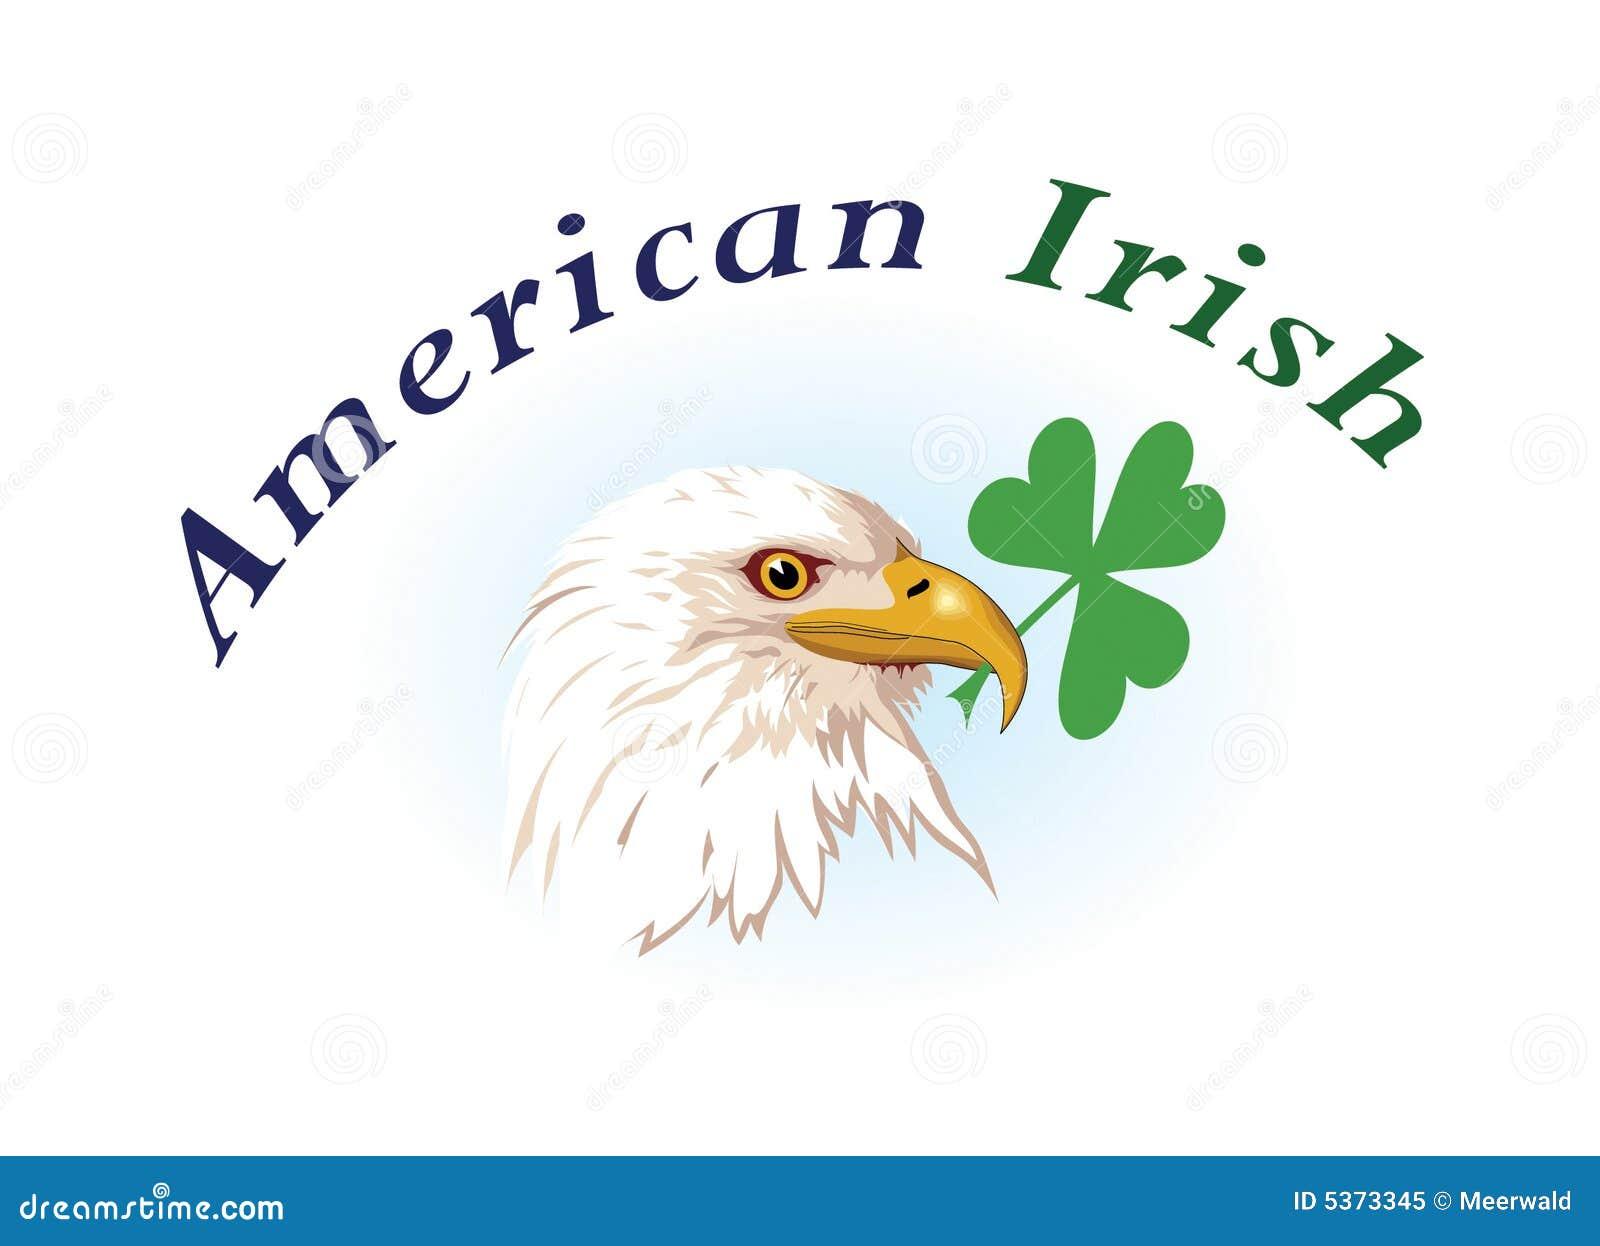 US amp Irish Emblems Royalty Free Stock Photo Image 5373345